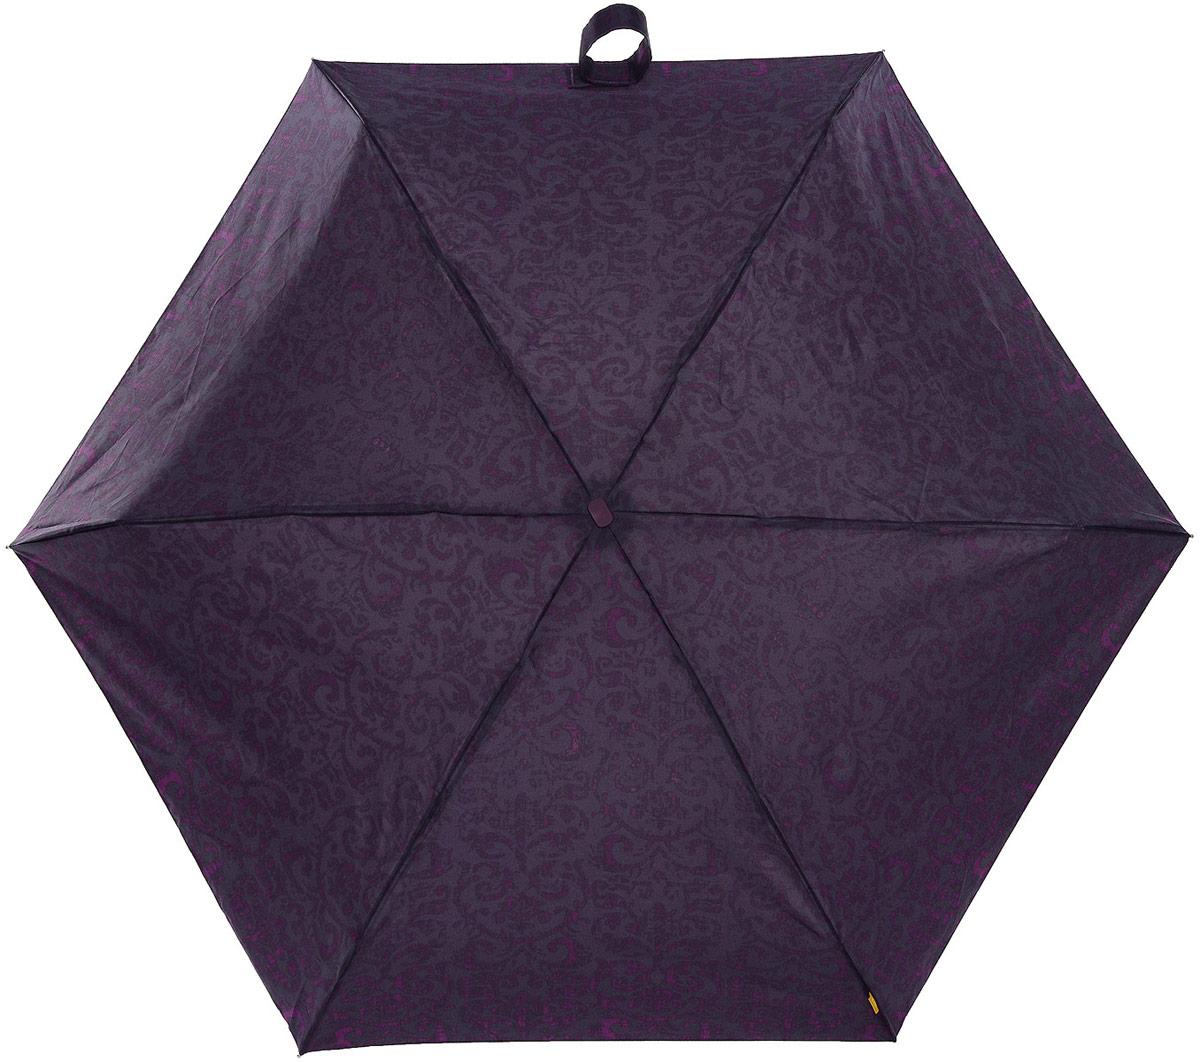 Зонт женский Zest, механический, 5 сложений, цвет: фиолетовый, серый. 25518-325YY-11678-3Компактный женский зонт Zest выполнен из металла, пластика и оформлен ярким принтом.Каркас зонта выполнен из шести спиц на прочном стержне. На концах спиц предусмотрены металлические элементы, которые защитят владельца от травм. Купол зонта изготовлен прочного полиэстера. Закрытый купол застегивается на липучку хлястиком. Практичная рукоятка закругленной формы разработана с учетом требований эргономики и выполнена из пластика.Зонт складывается и раскладывается механическим способом.Такой зонт не только надежно защитит от дождя, но и станет стильным аксессуаром.